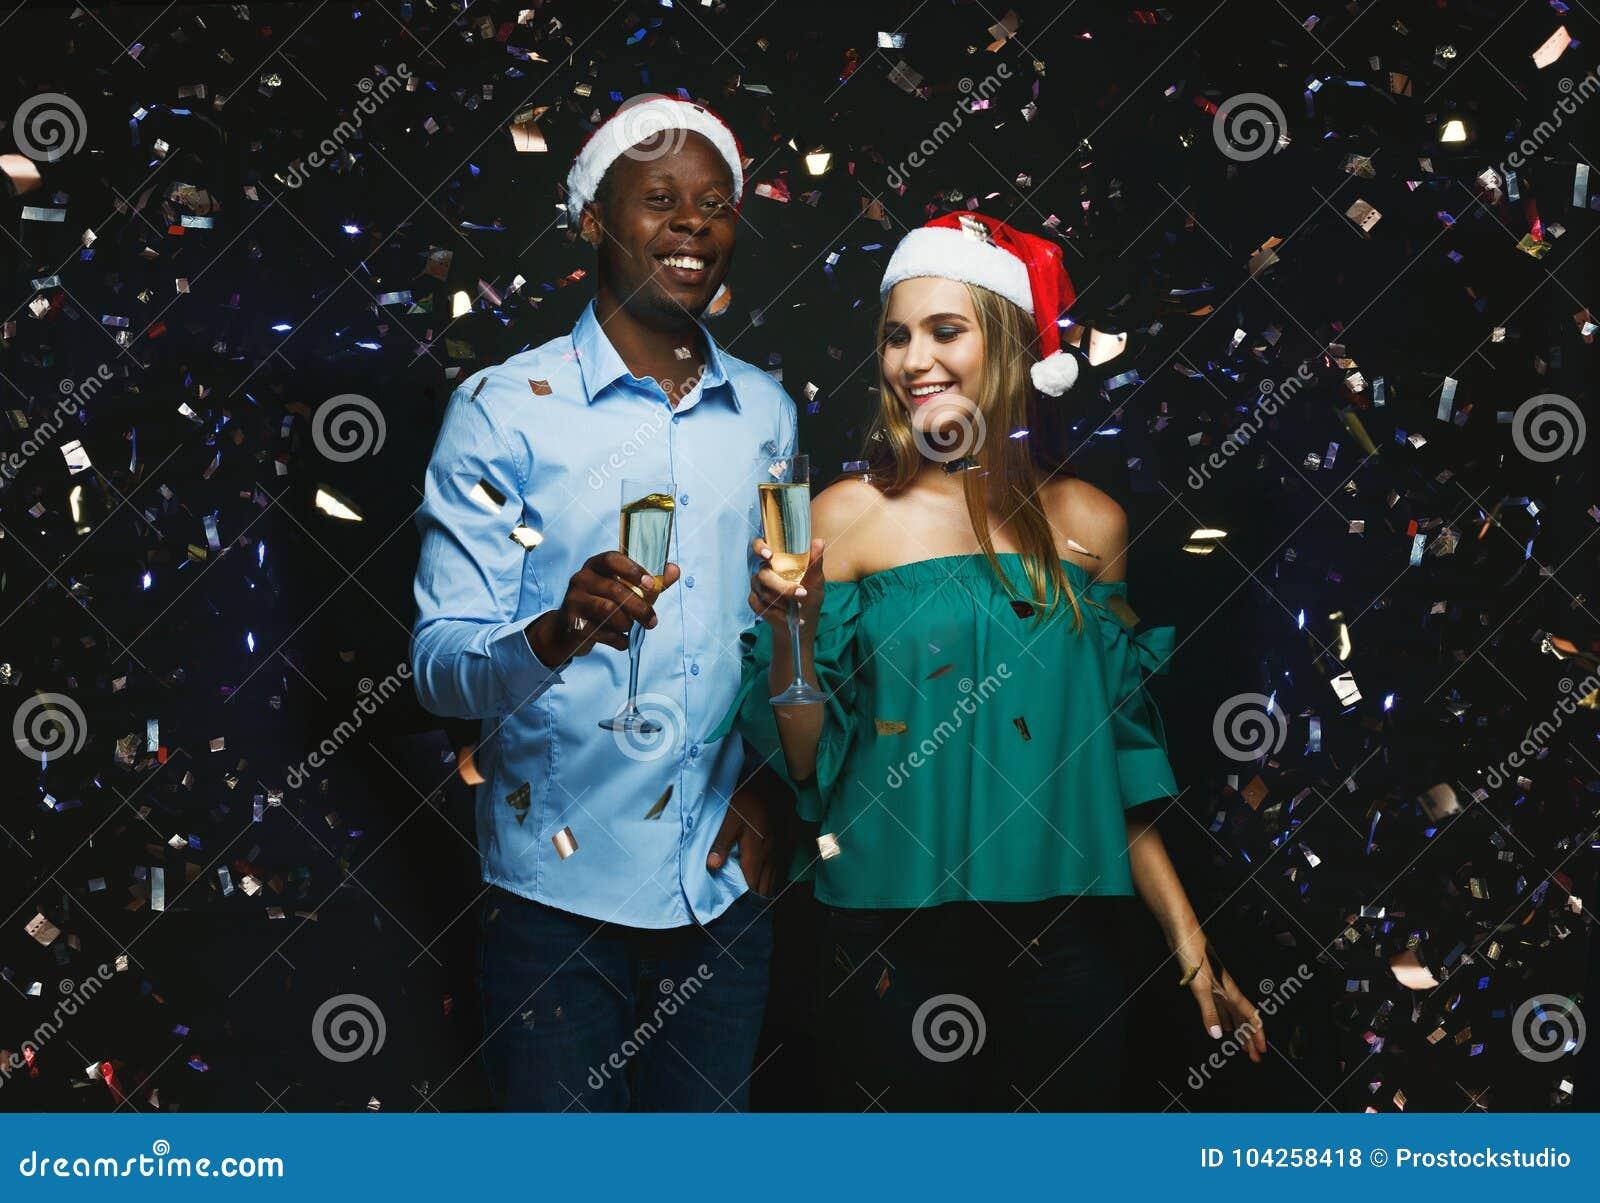 Fotos De Hombres Felicitando La Navidad.Pares Alegres Que Felicitan Por La Navidad Con Champan En El